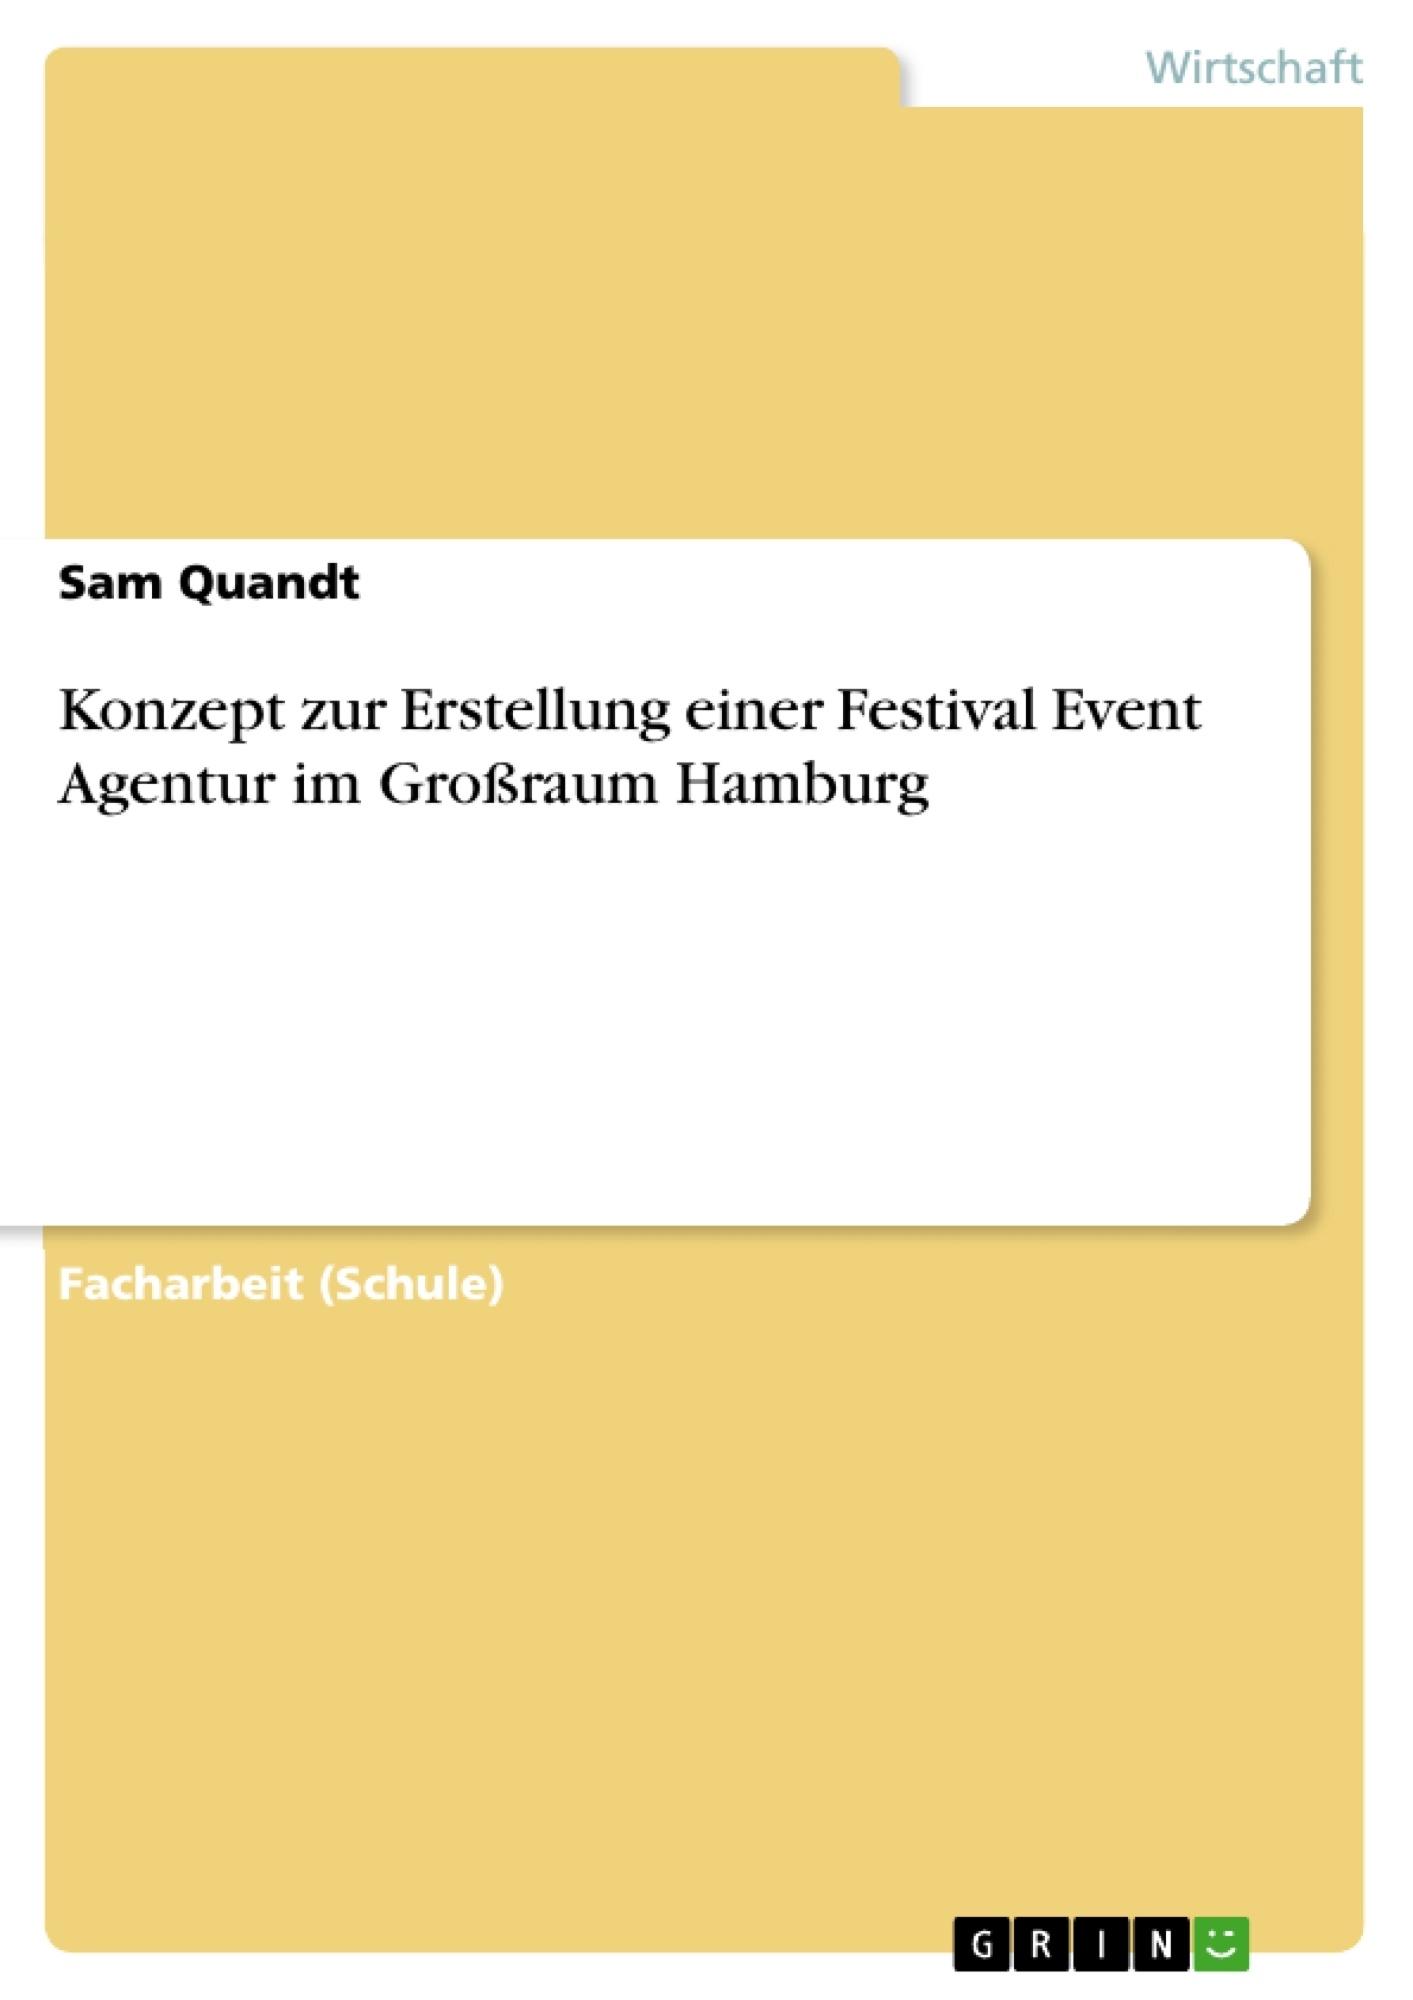 Titel: Konzept zur Erstellung einer Festival Event Agentur im Großraum Hamburg